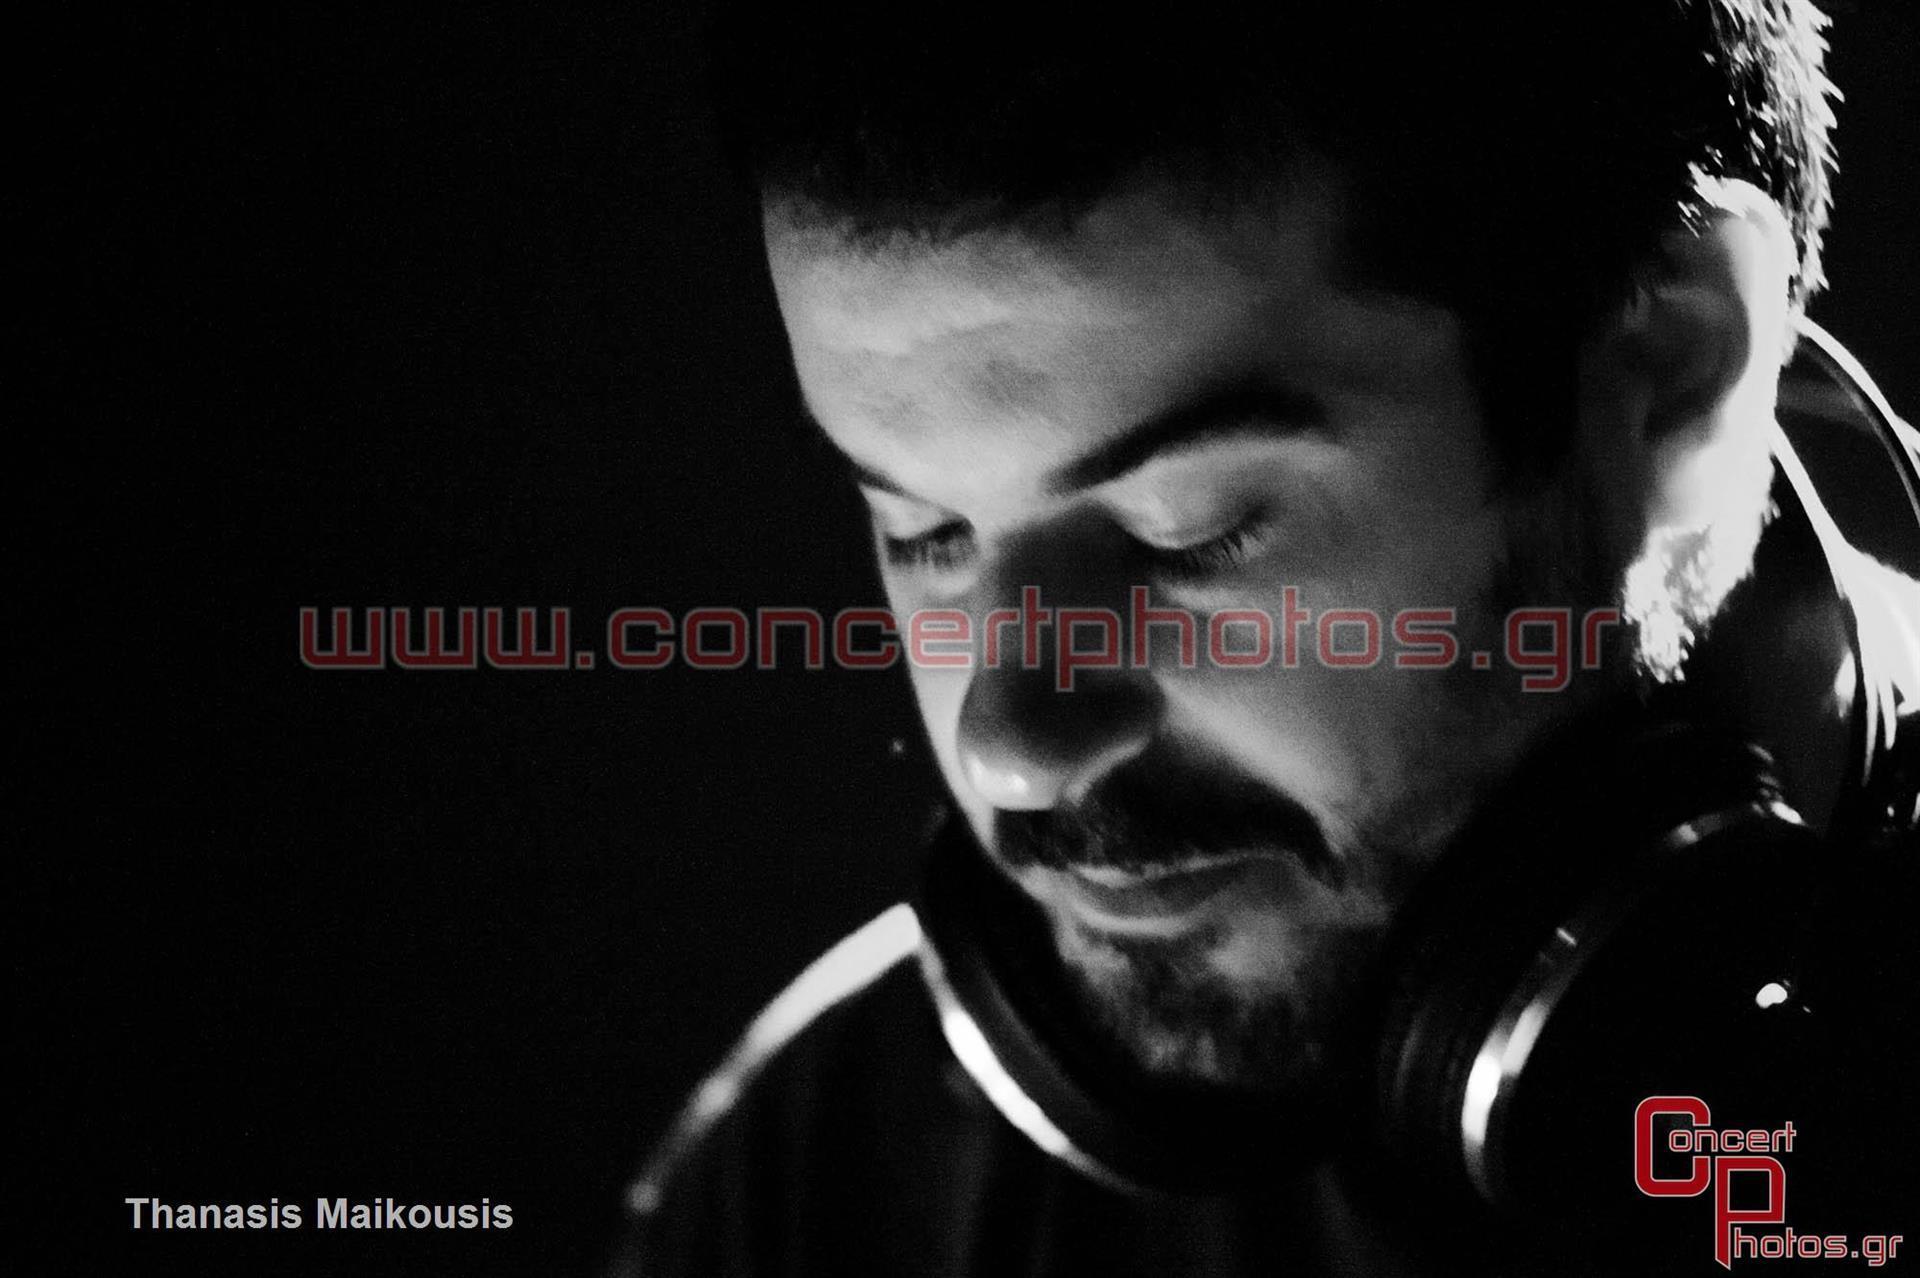 Wax Tailor - photographer: Thanasis Maikousis - ConcertPhotos-7552